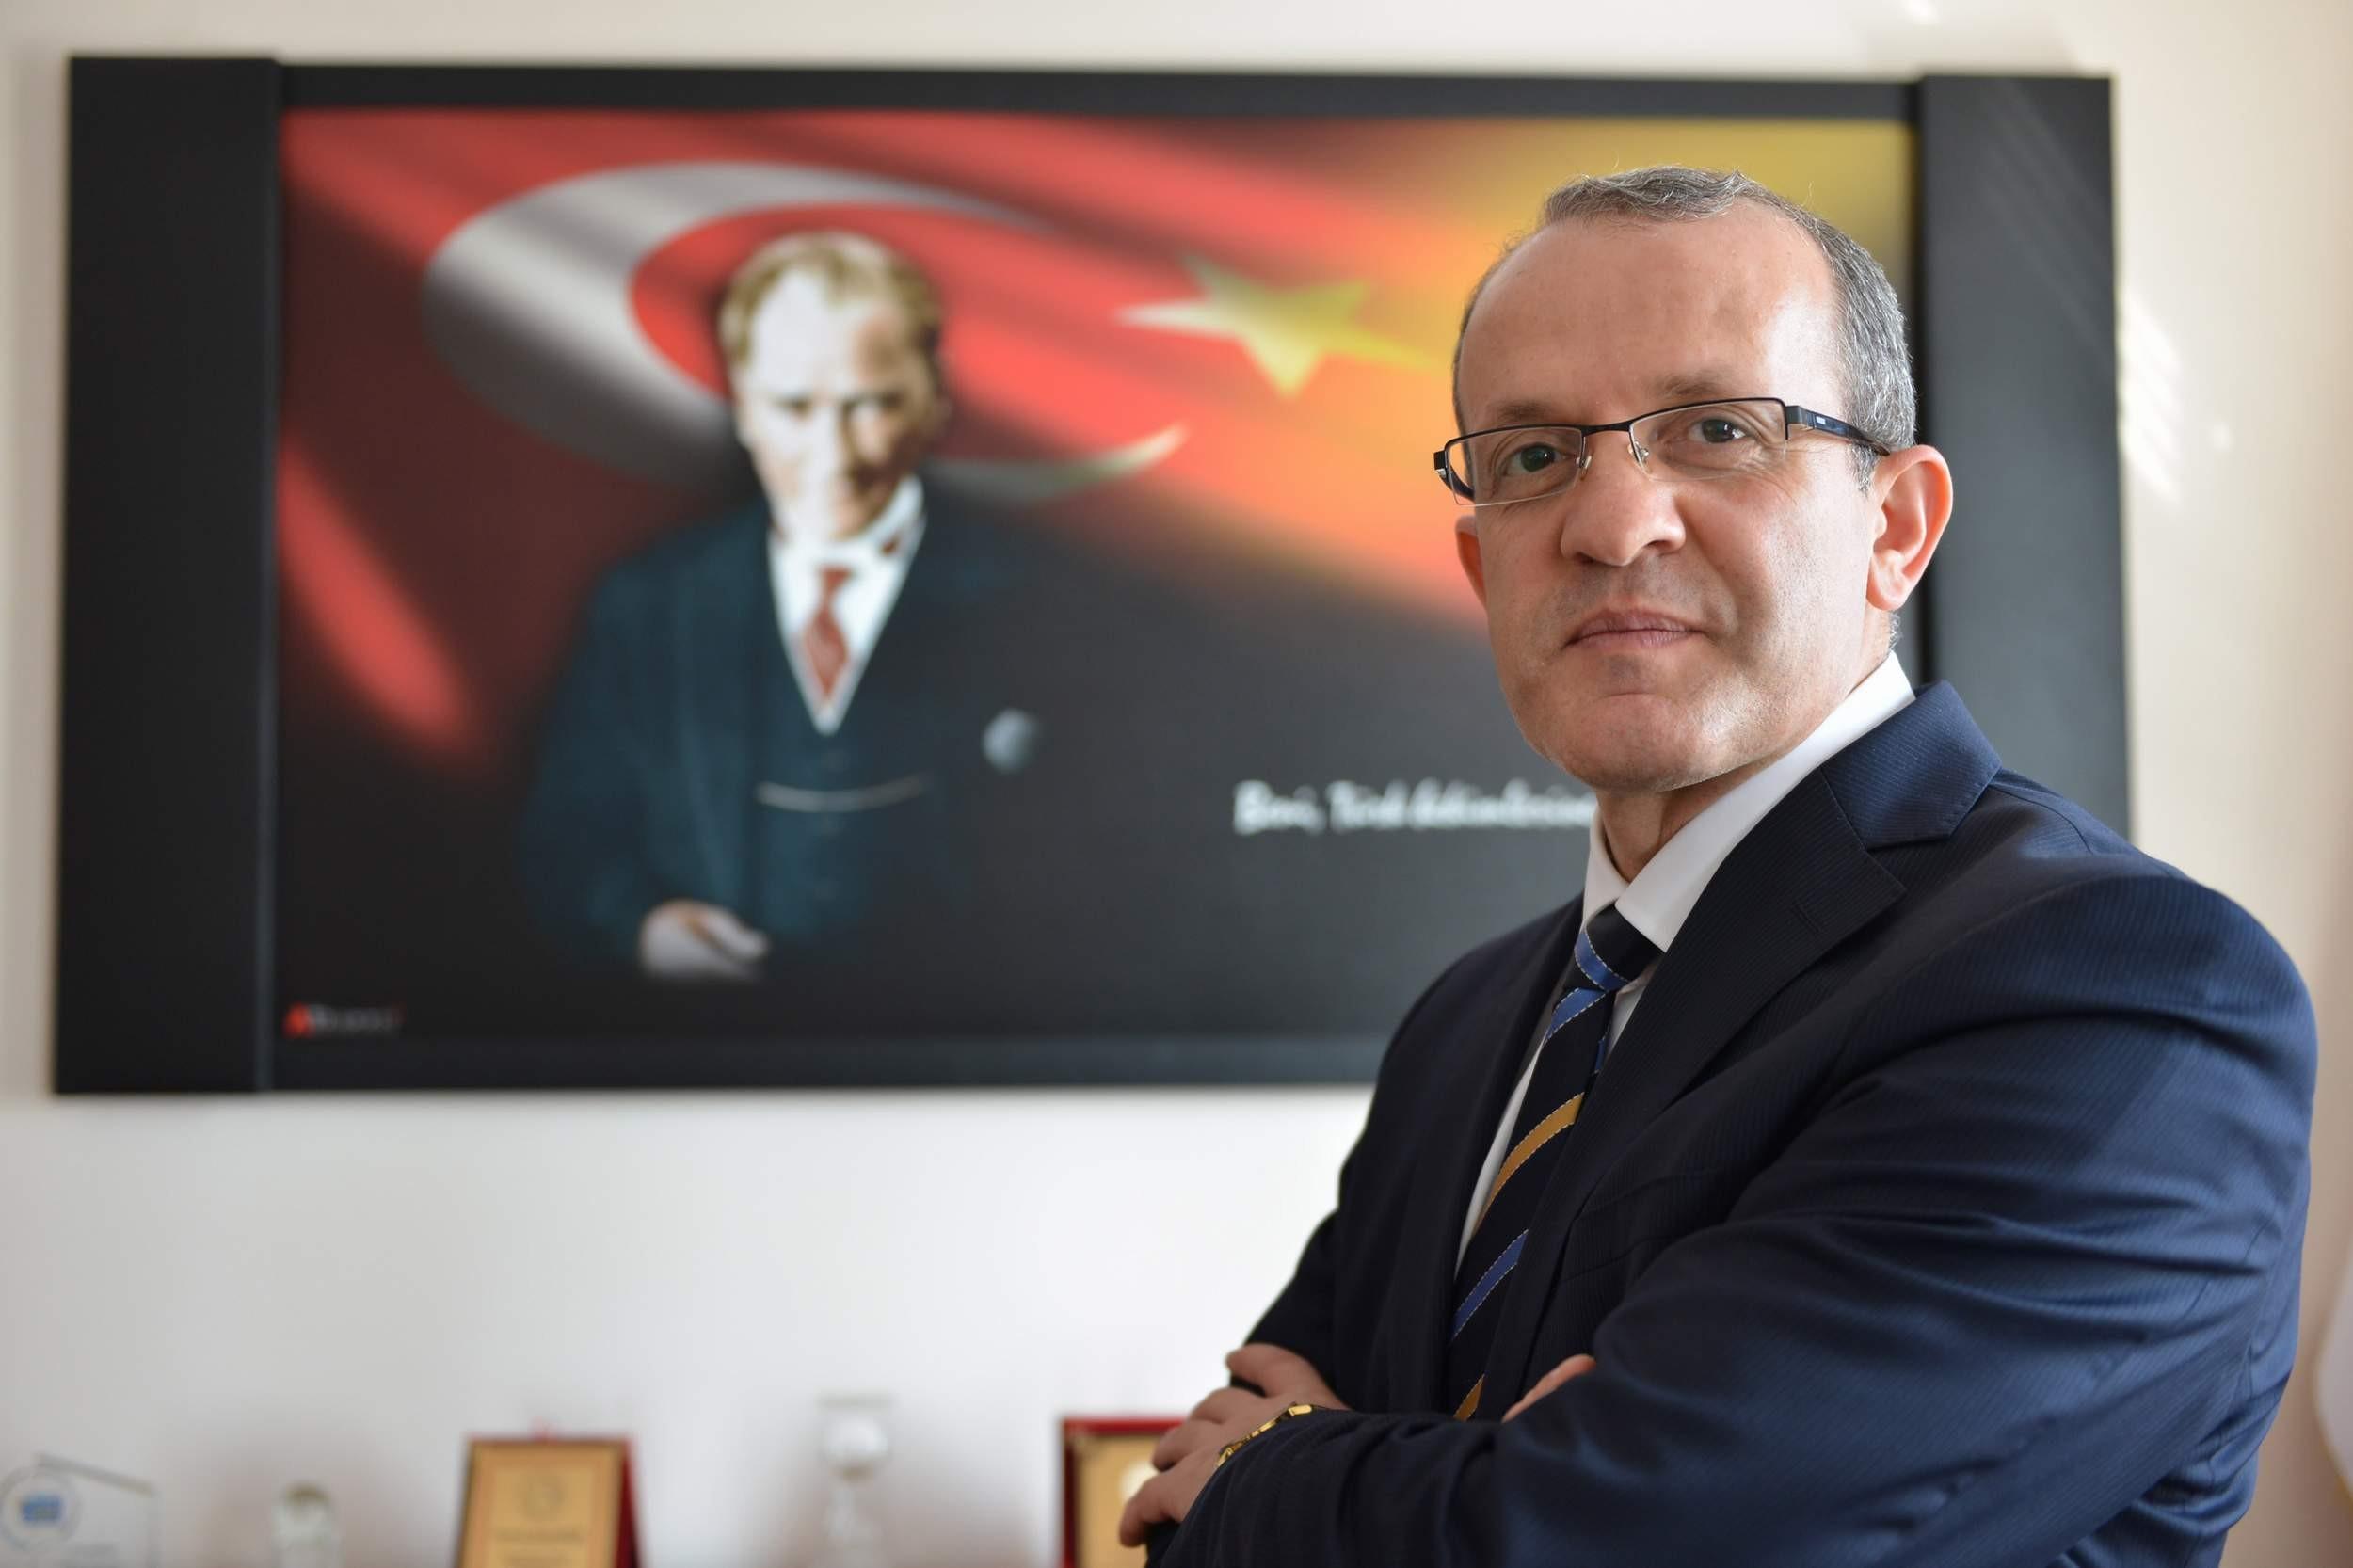 Antalya'da şok istifa... Antalya İl Sağlık Müdürü görevi bıraktı